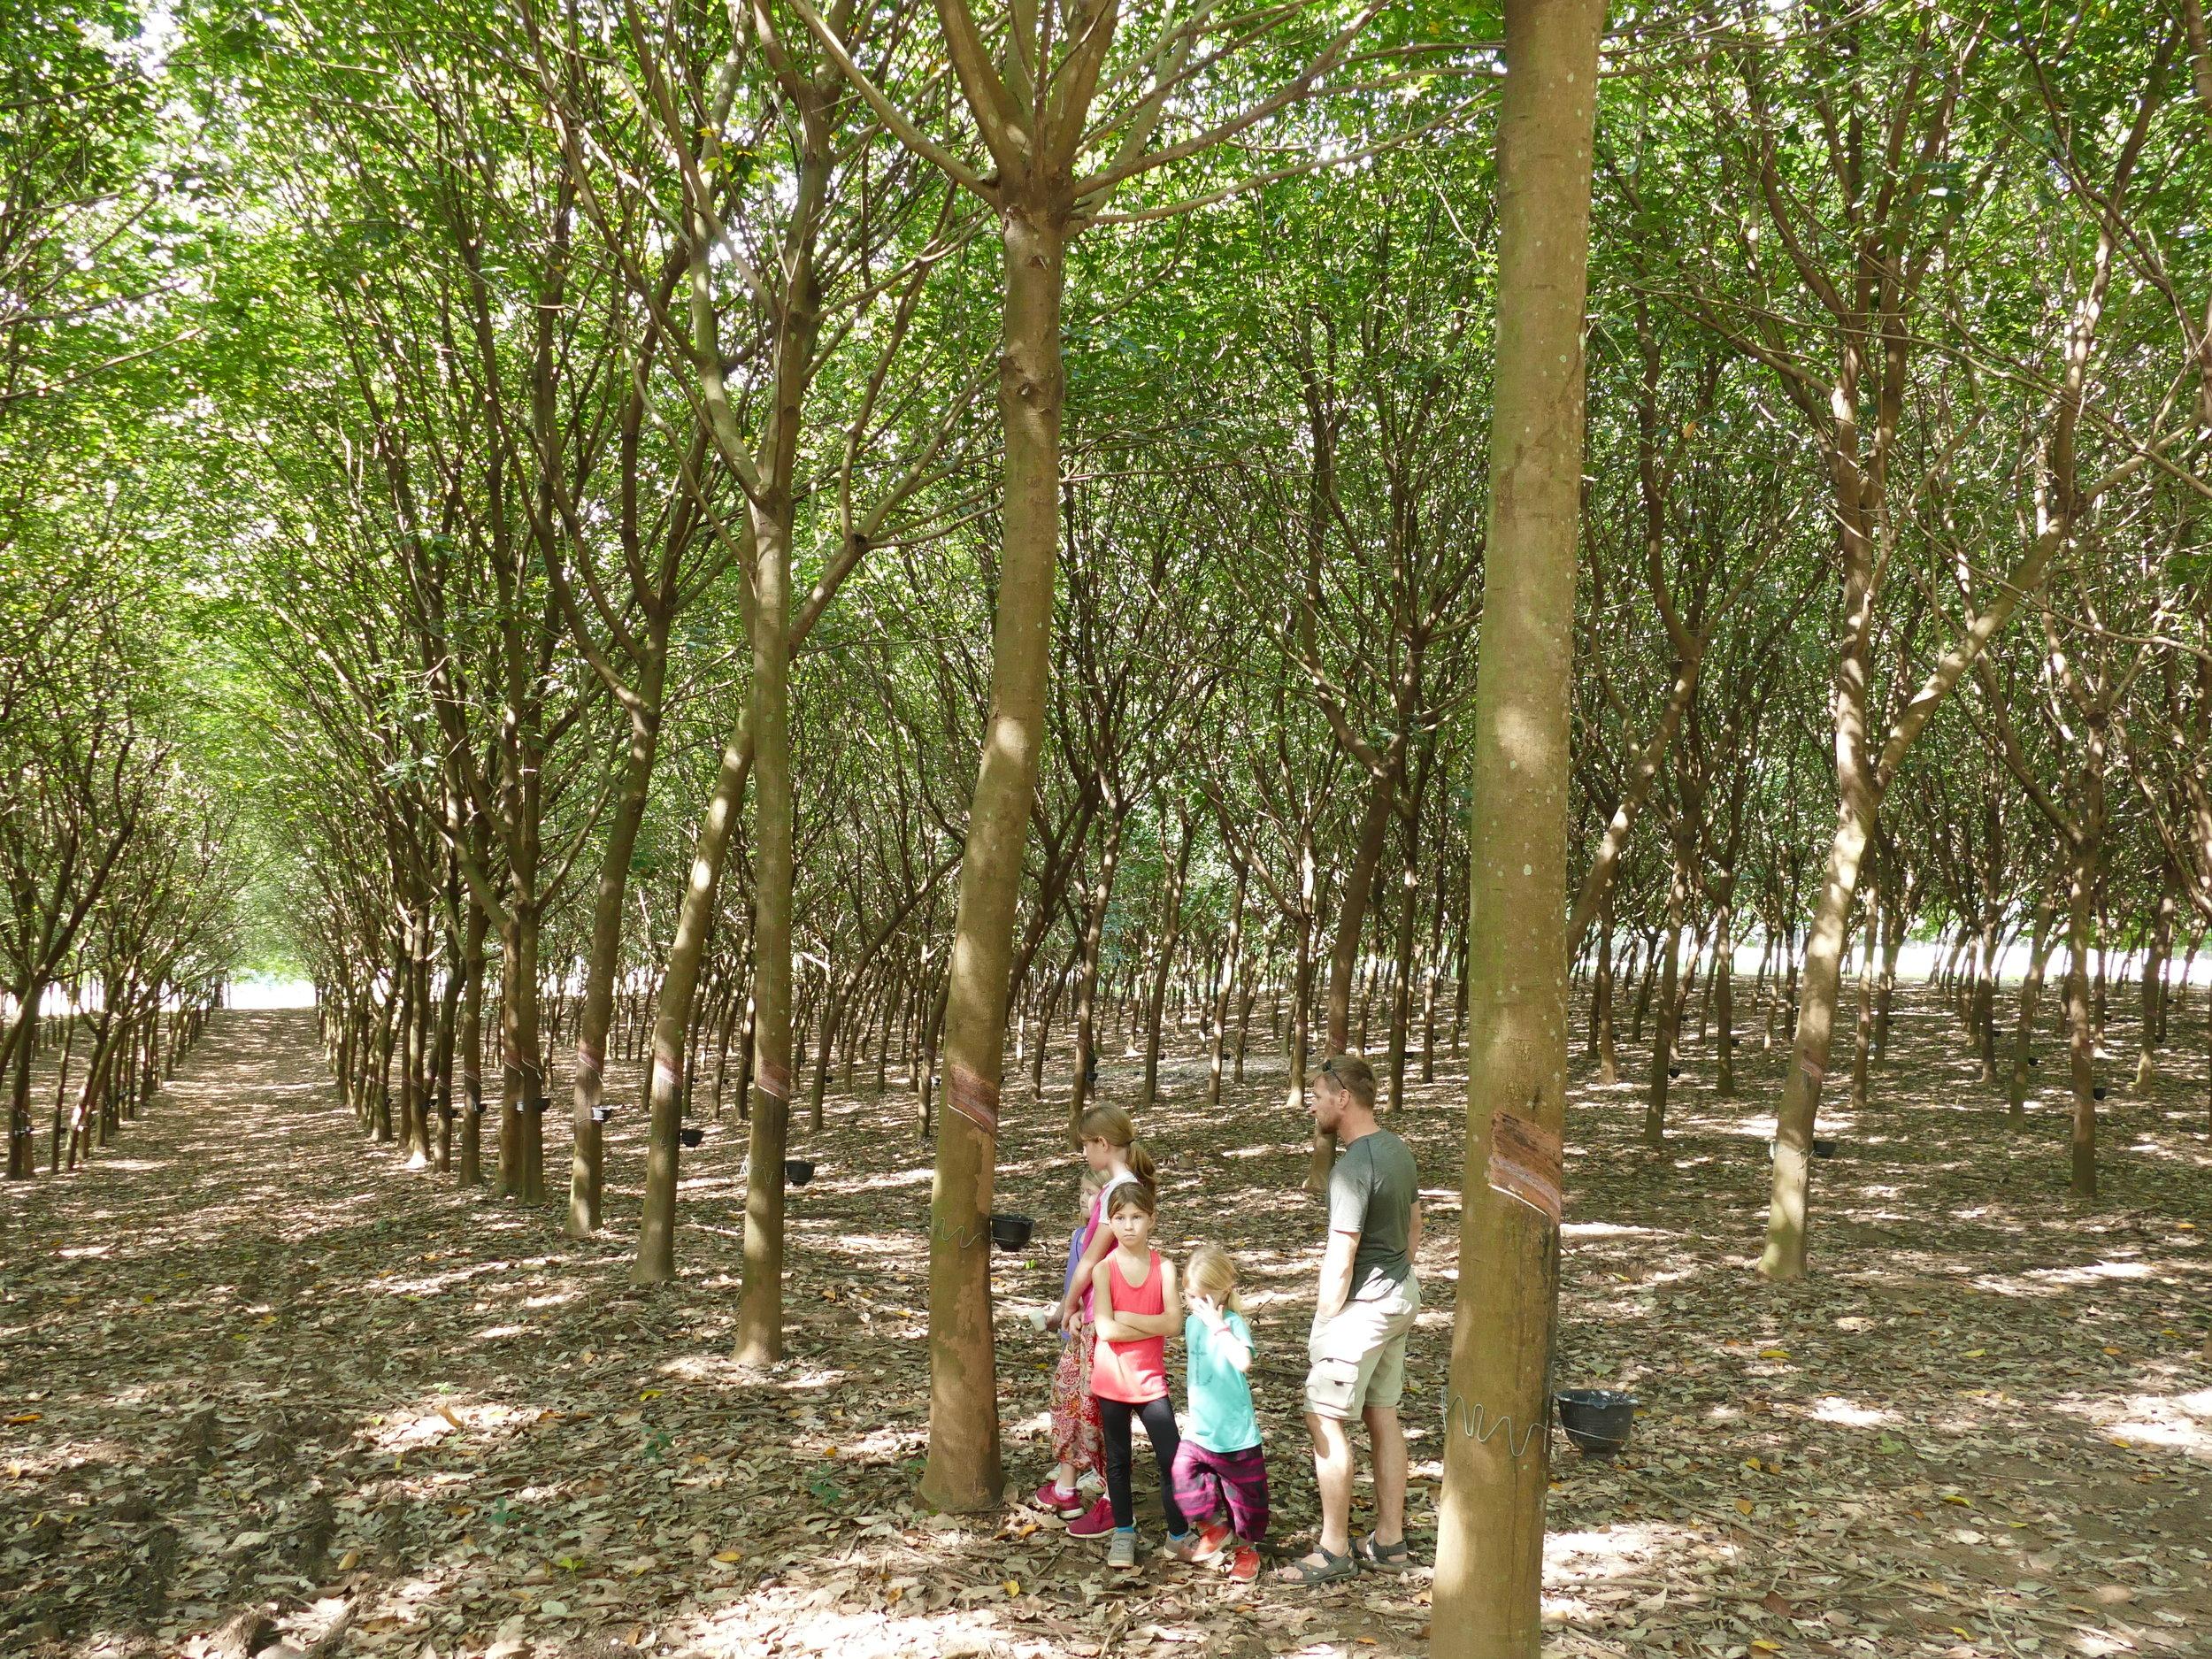 Une forêt d'arbres à caoutchouc... entaillés comme nos érables du Québec. Juste de penser aux érables nous fait mal alors chut!!!! On se promet de vider une canne de sirop d'érable en moins d'une minute à notre retour.